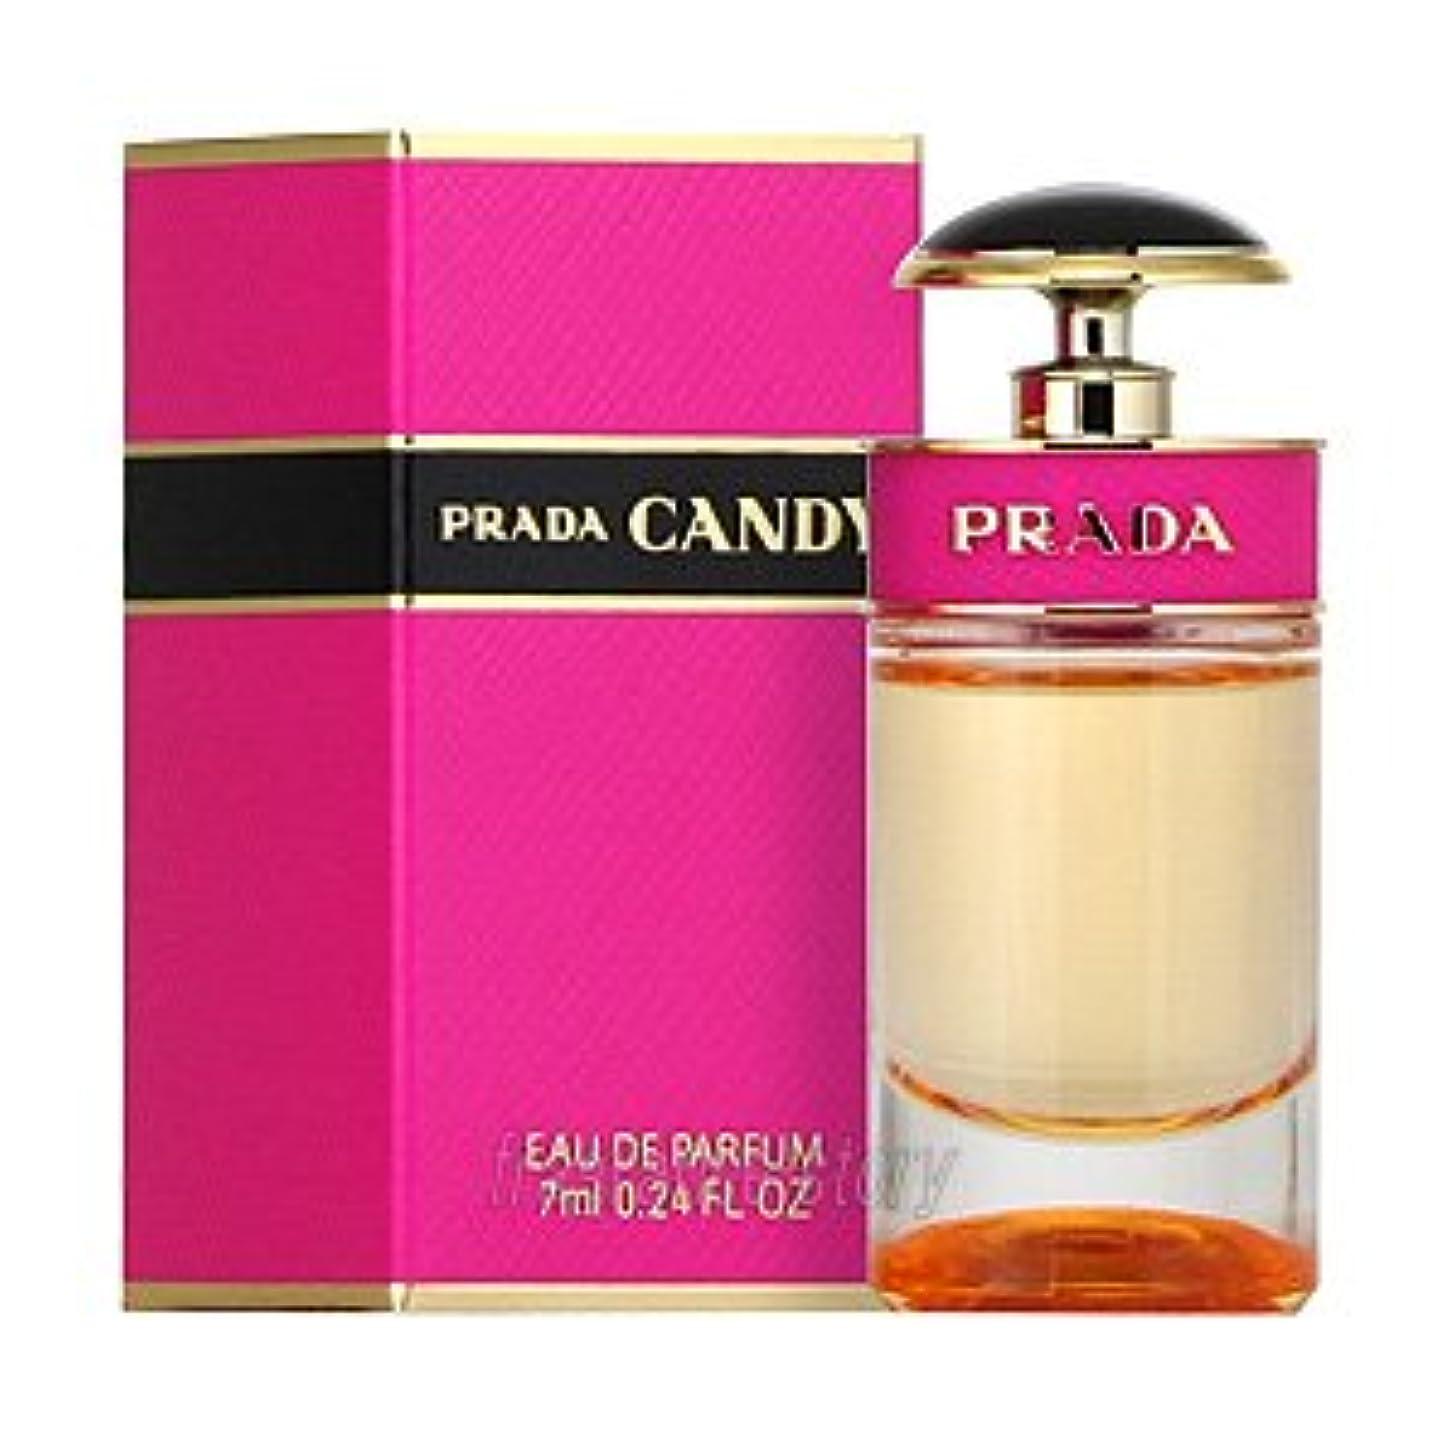 日光重さ喪プラダ PRADA キャンディ オードパルファム 7ml EDP ミニ香水 ミニチュア fs